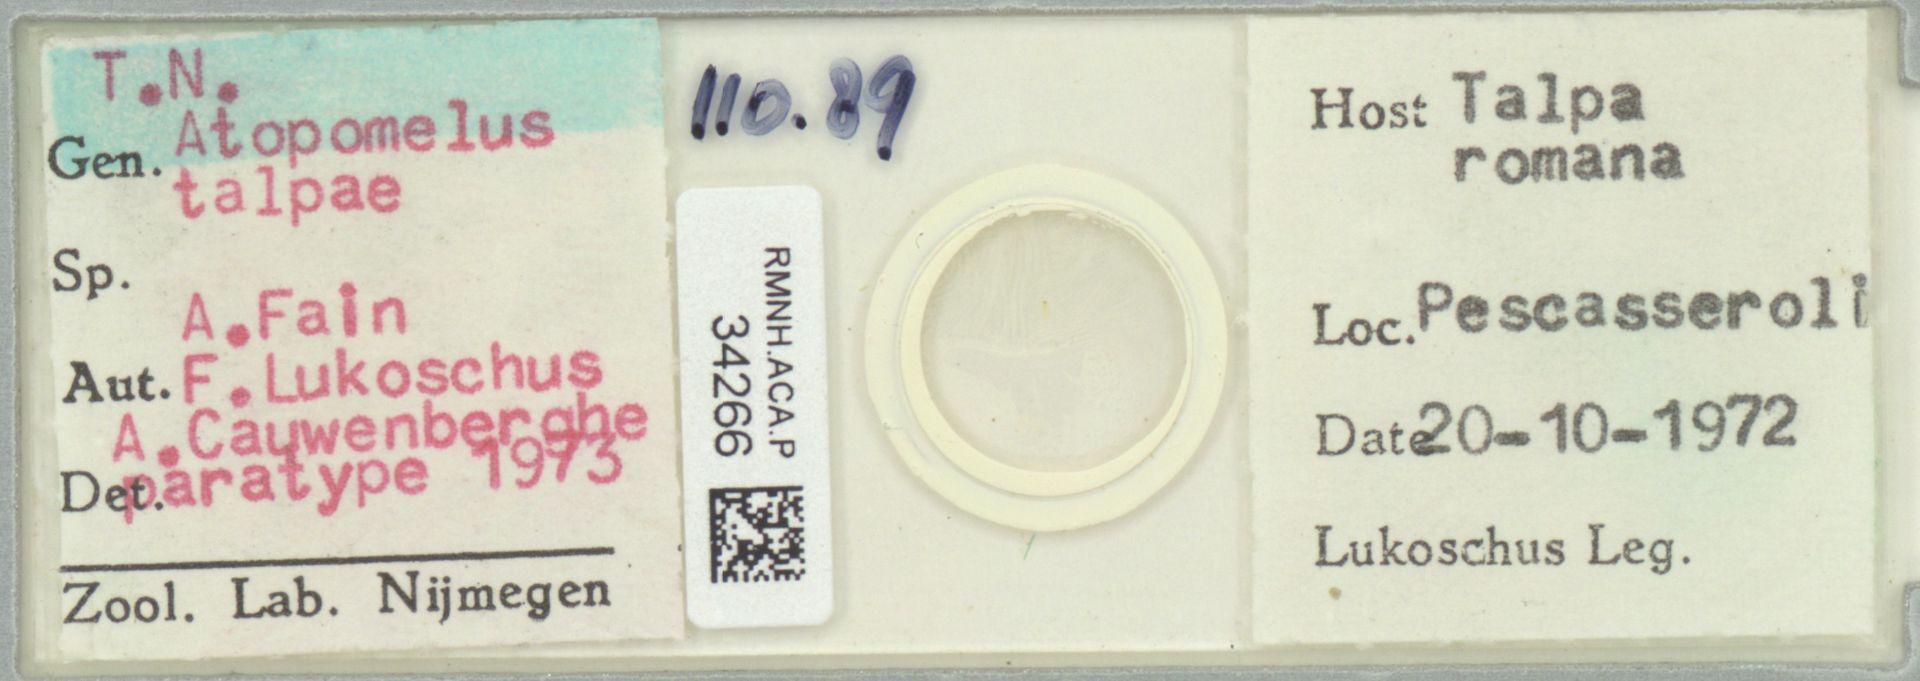 RMNH.ACA.P.34266 | Atopomelus talpae A.Fain F.Lukoschus A. Cauwenberghe 1973